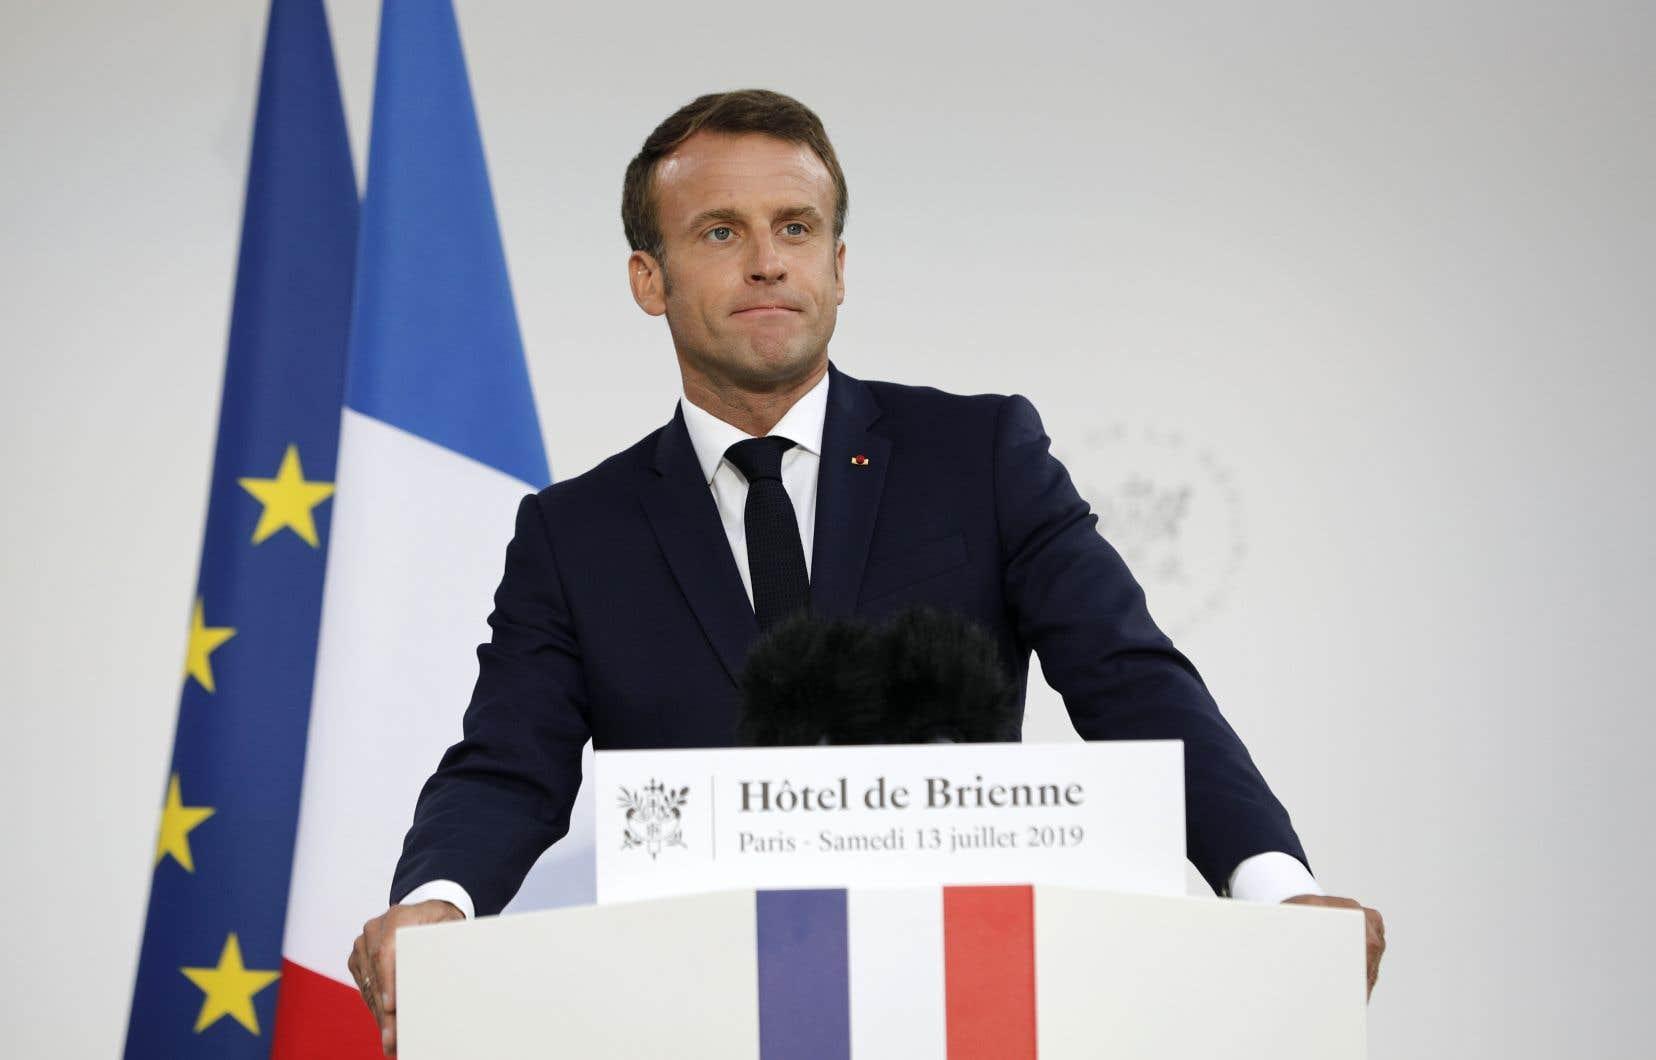 Le président français, Emmanuel Macron, a qualifié l'espace de«véritable enjeu de sécurité nationale».